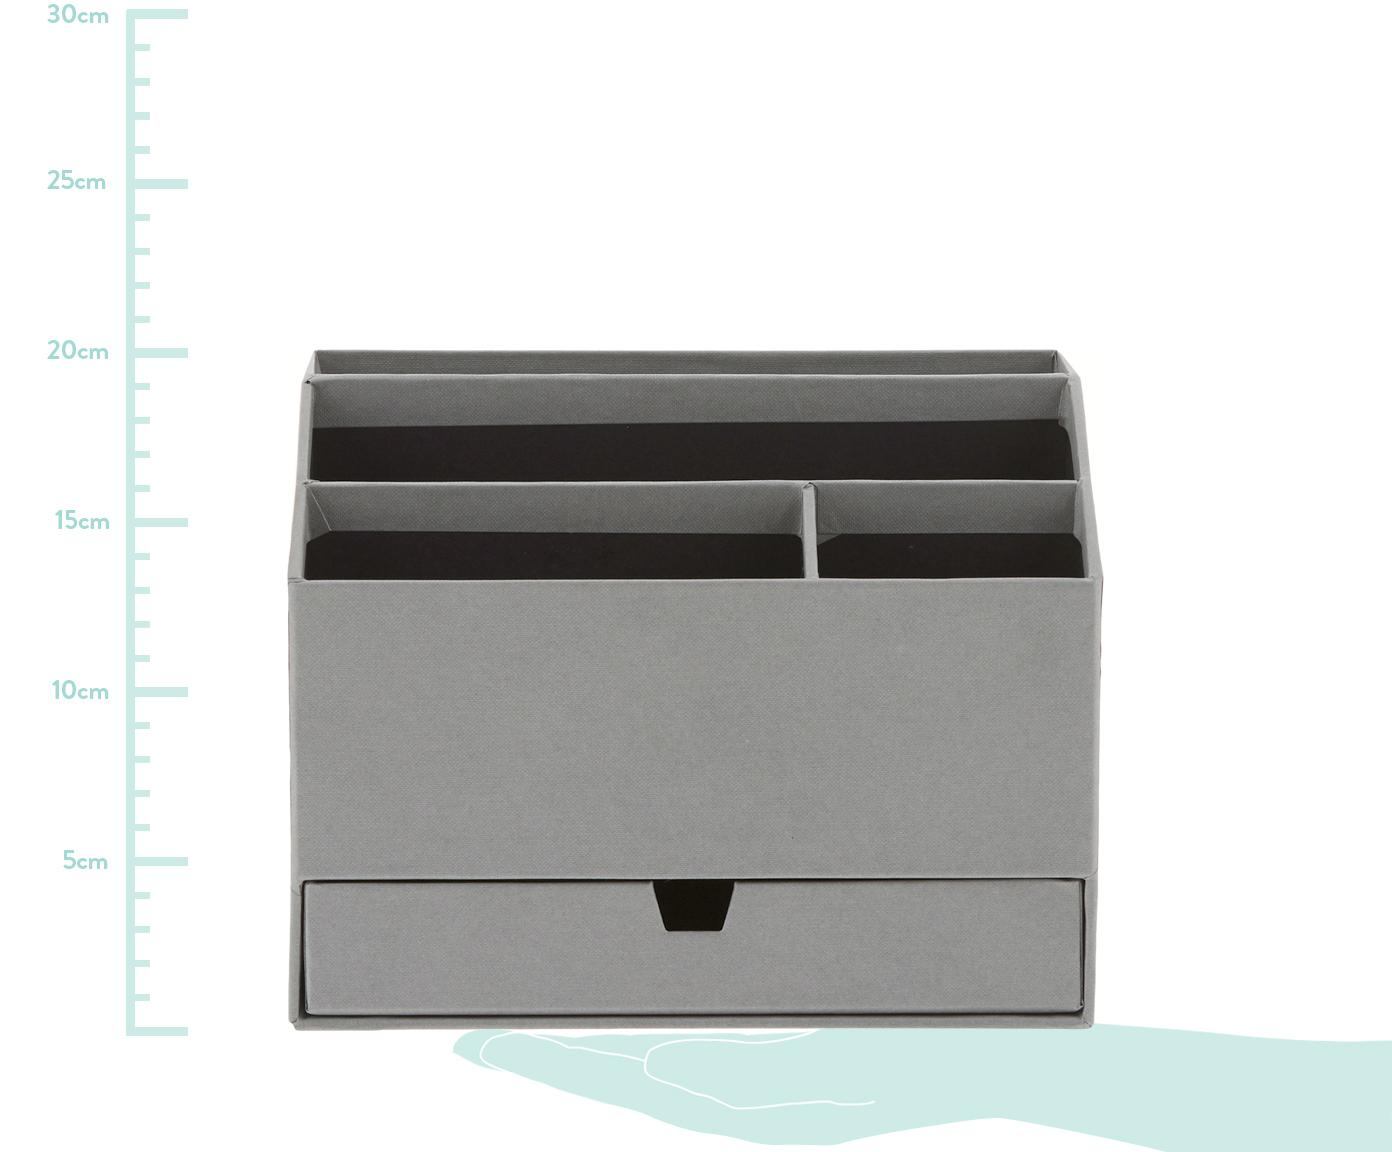 Büro-Organizer Greta, Fester, laminierter Karton, Grau, 24 x 18 cm